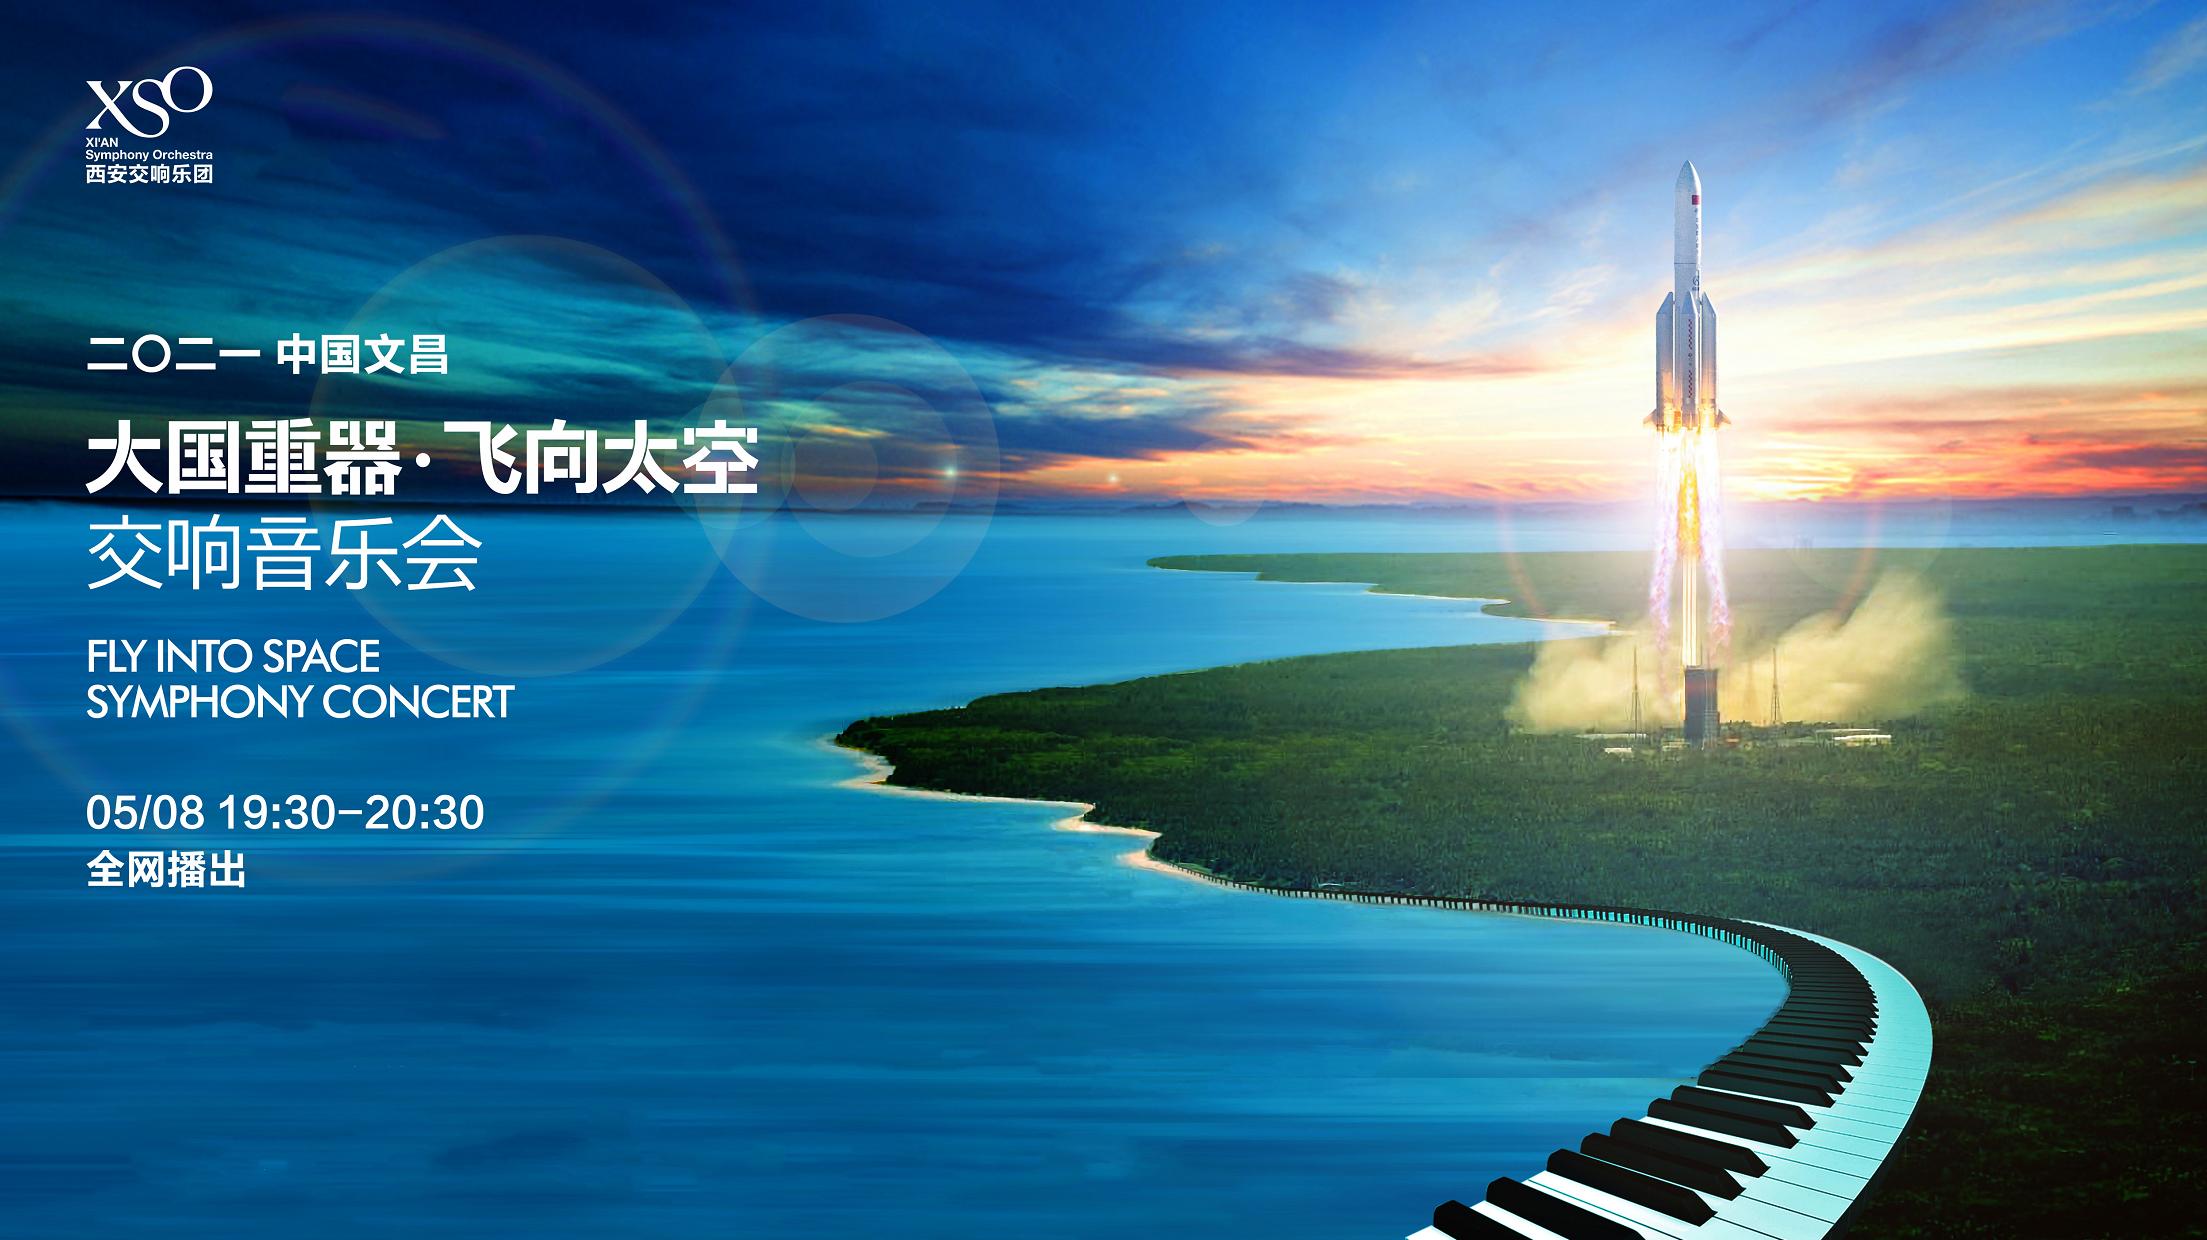 二〇二一 中国文昌 大国重器·飞向太空交响音乐会